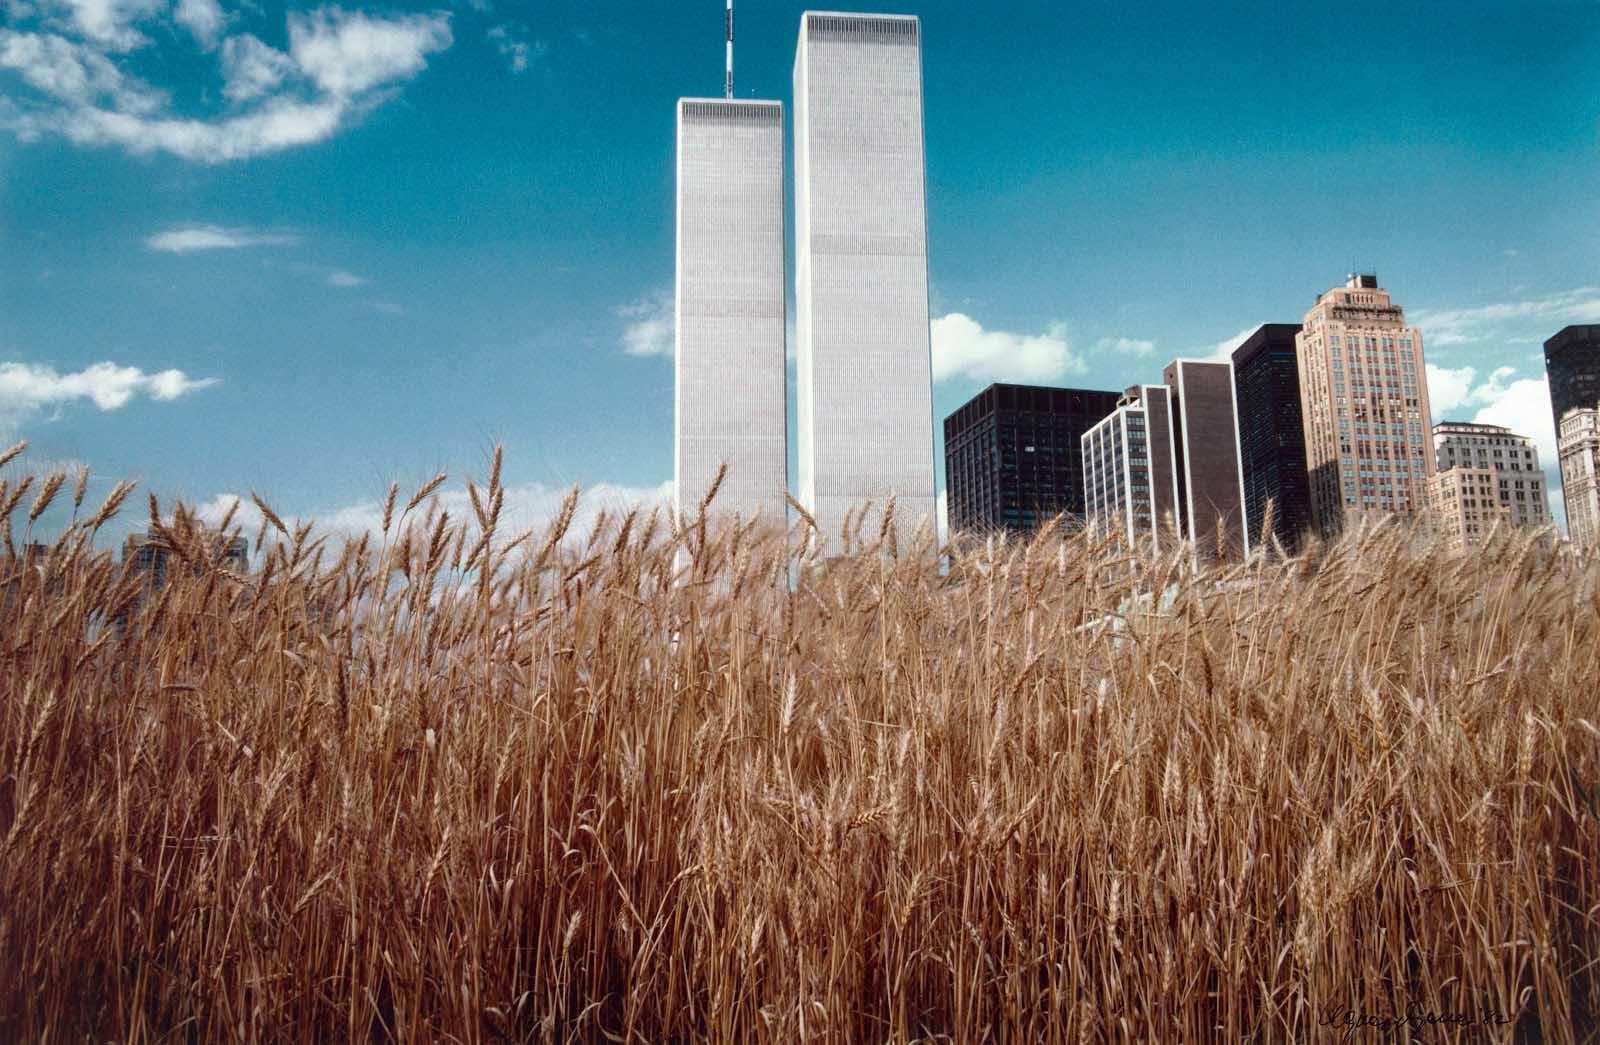 wheatfield campo di grano agnes denes manhattan twin towers